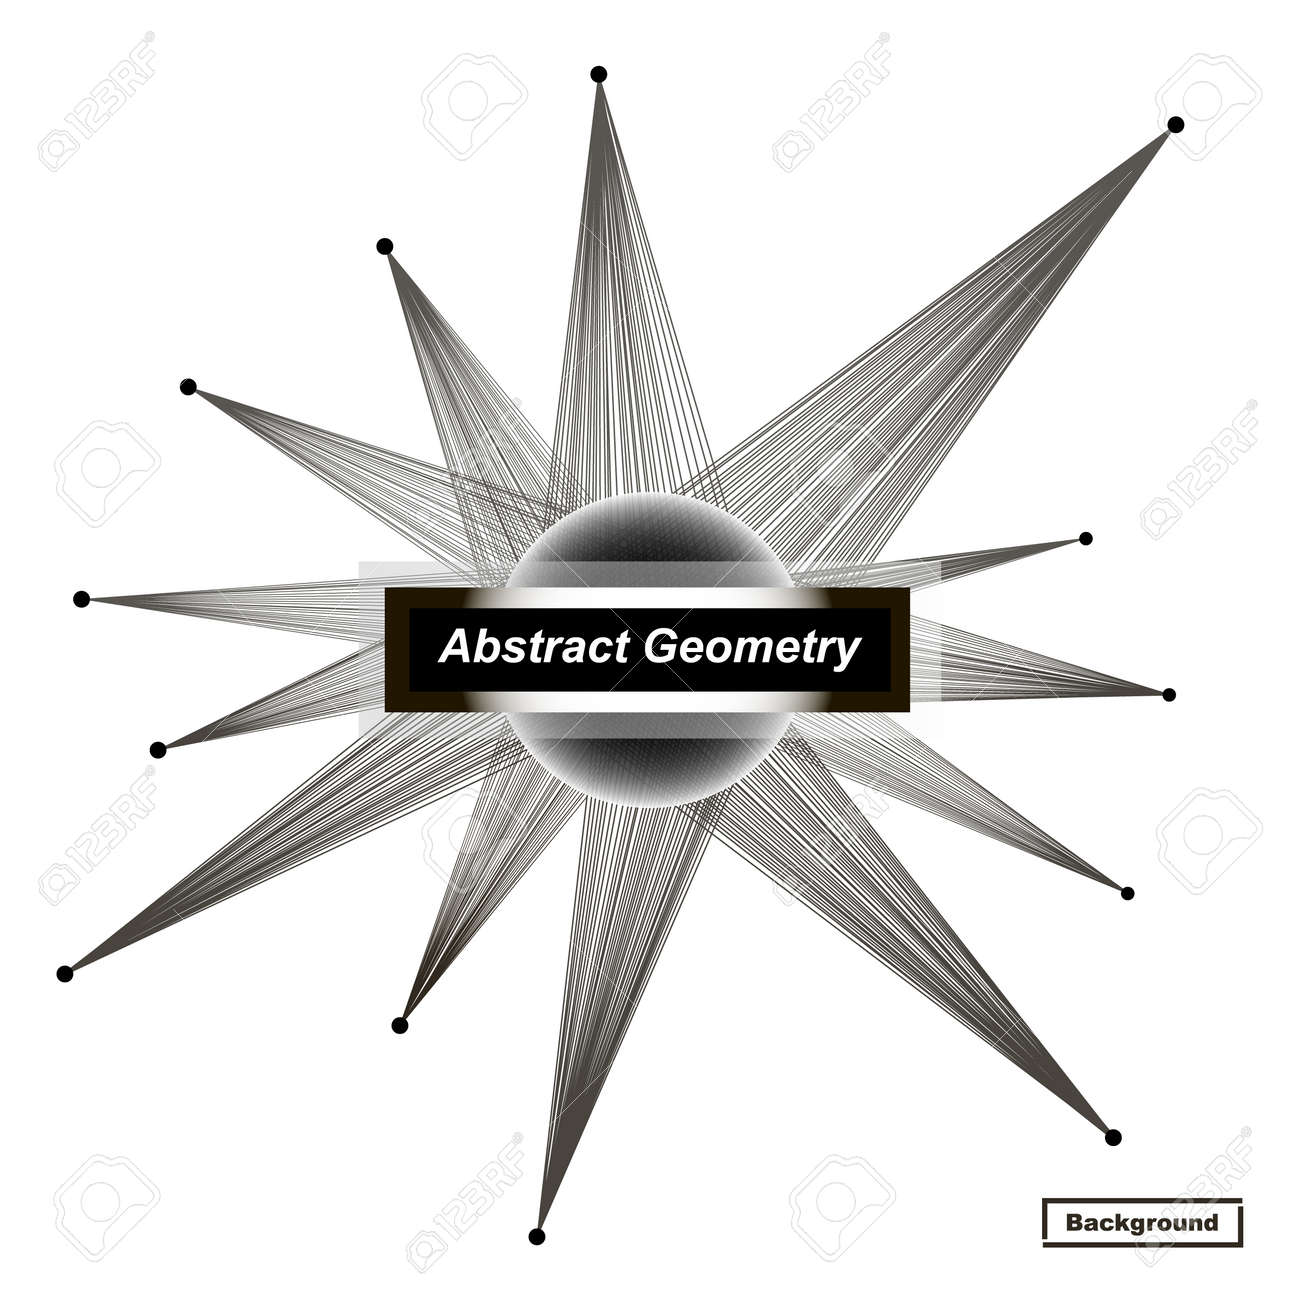 Berühmt Elektrisches Symbol Licht Bilder - Der Schaltplan - triangre ...